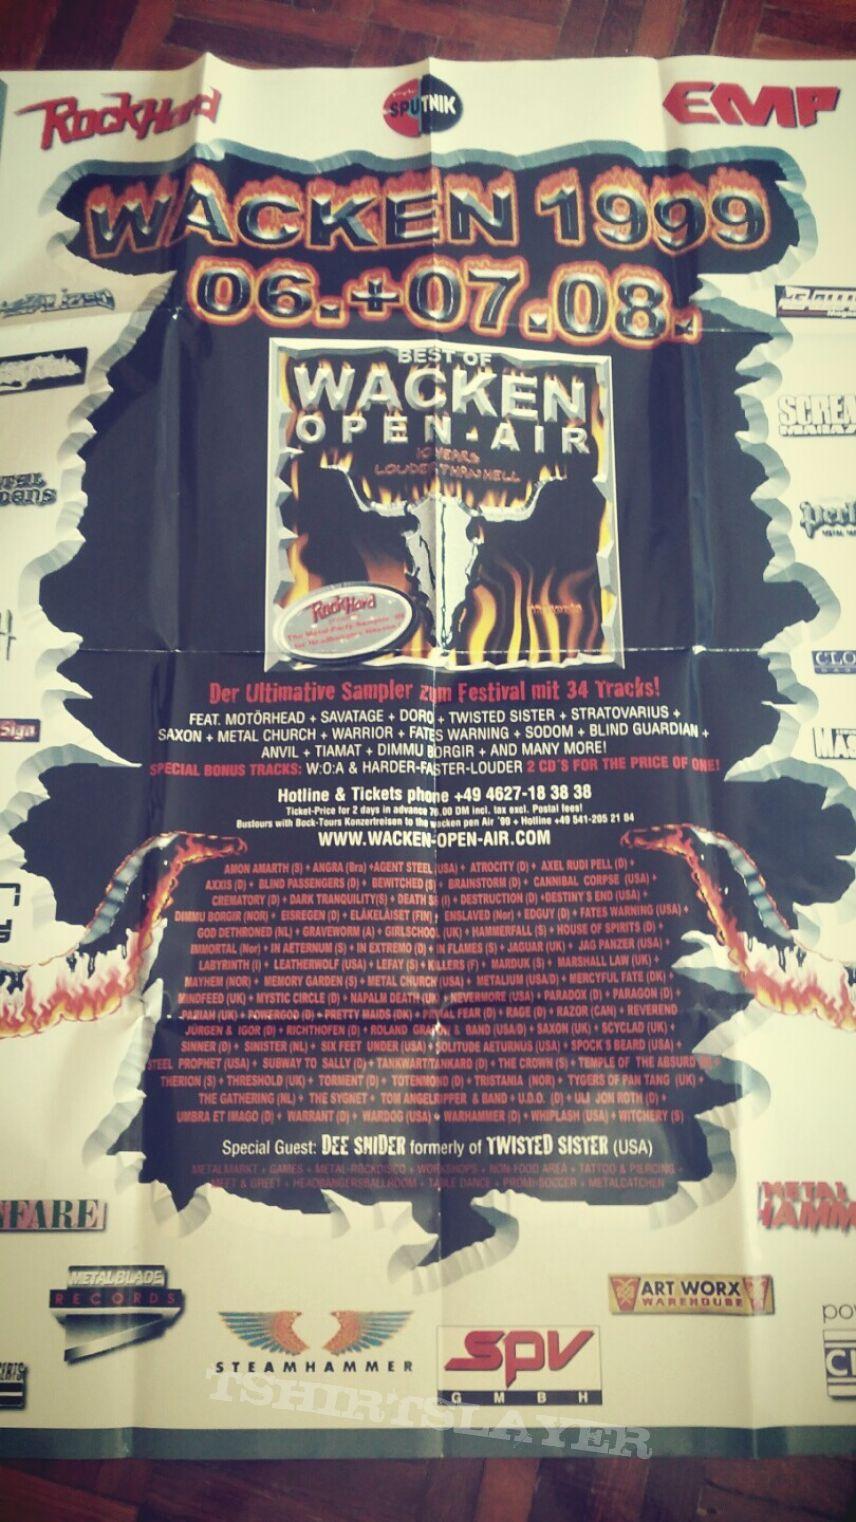 Wacken 1999 poster